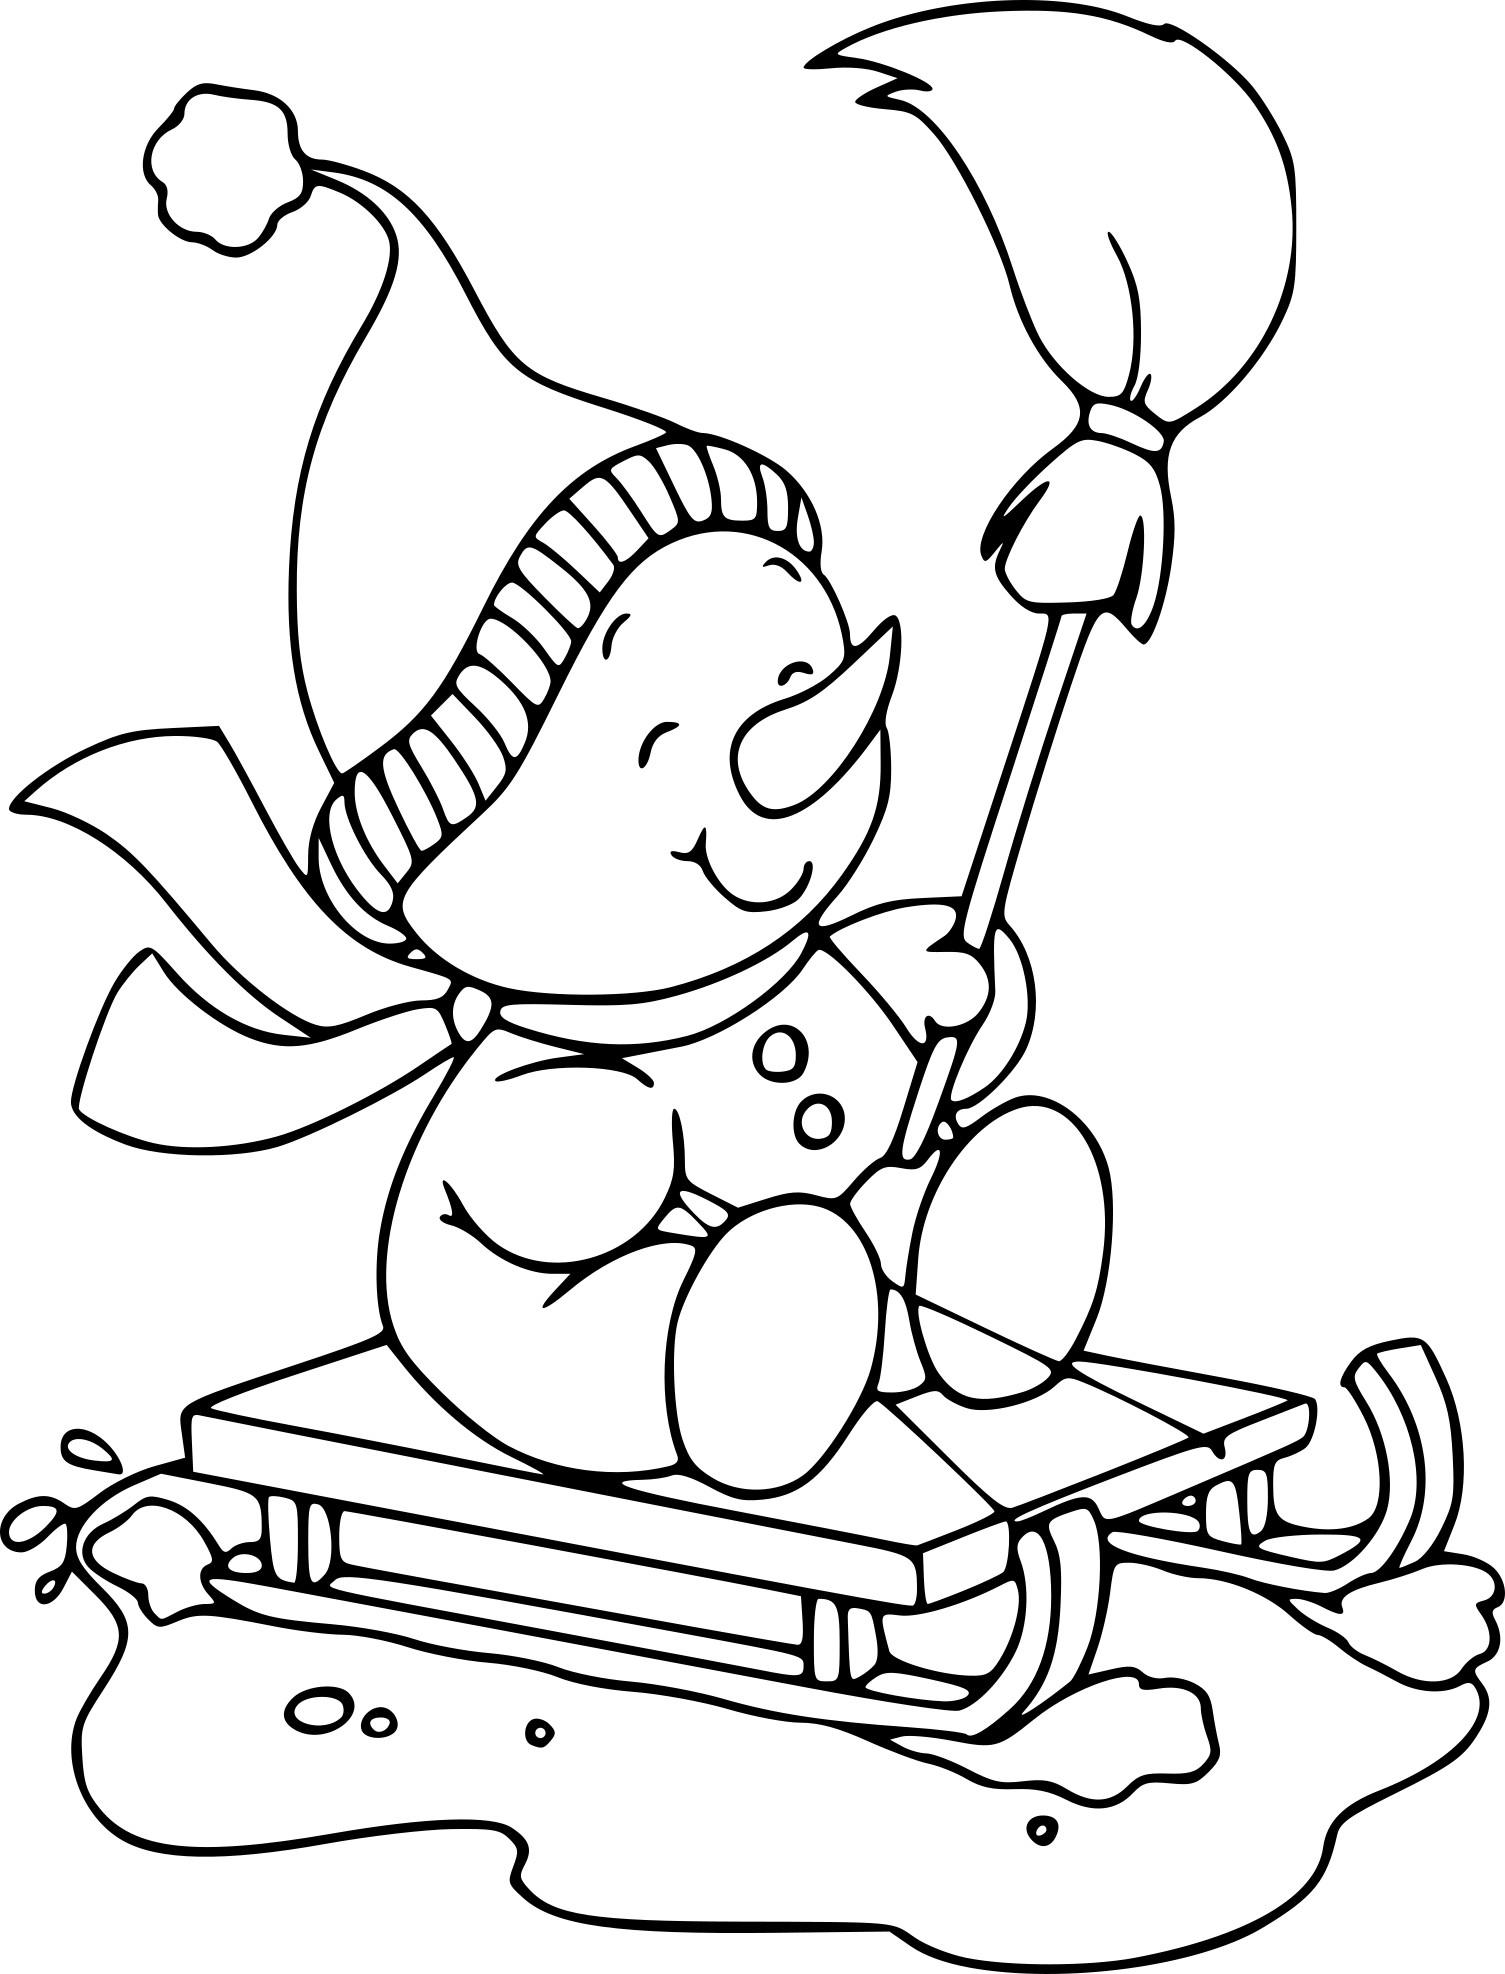 Coloriage bonhomme de neige et dessin imprimer - Dessin de neige ...